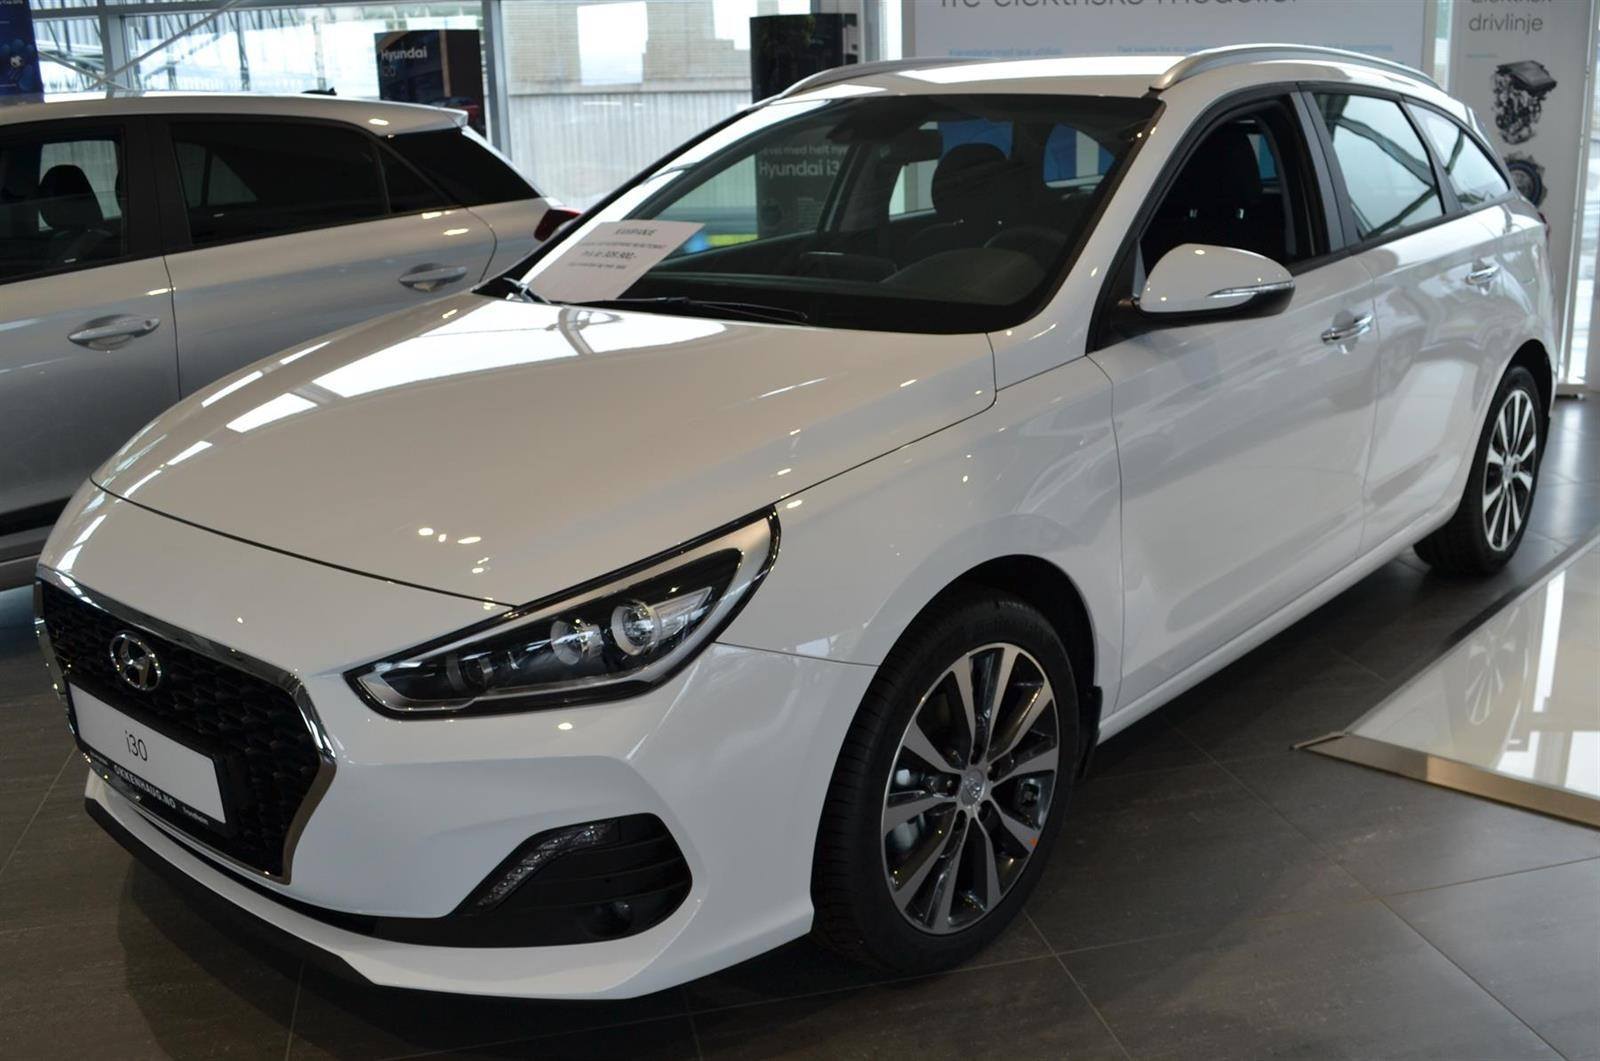 Hyundai i30 Slide 1